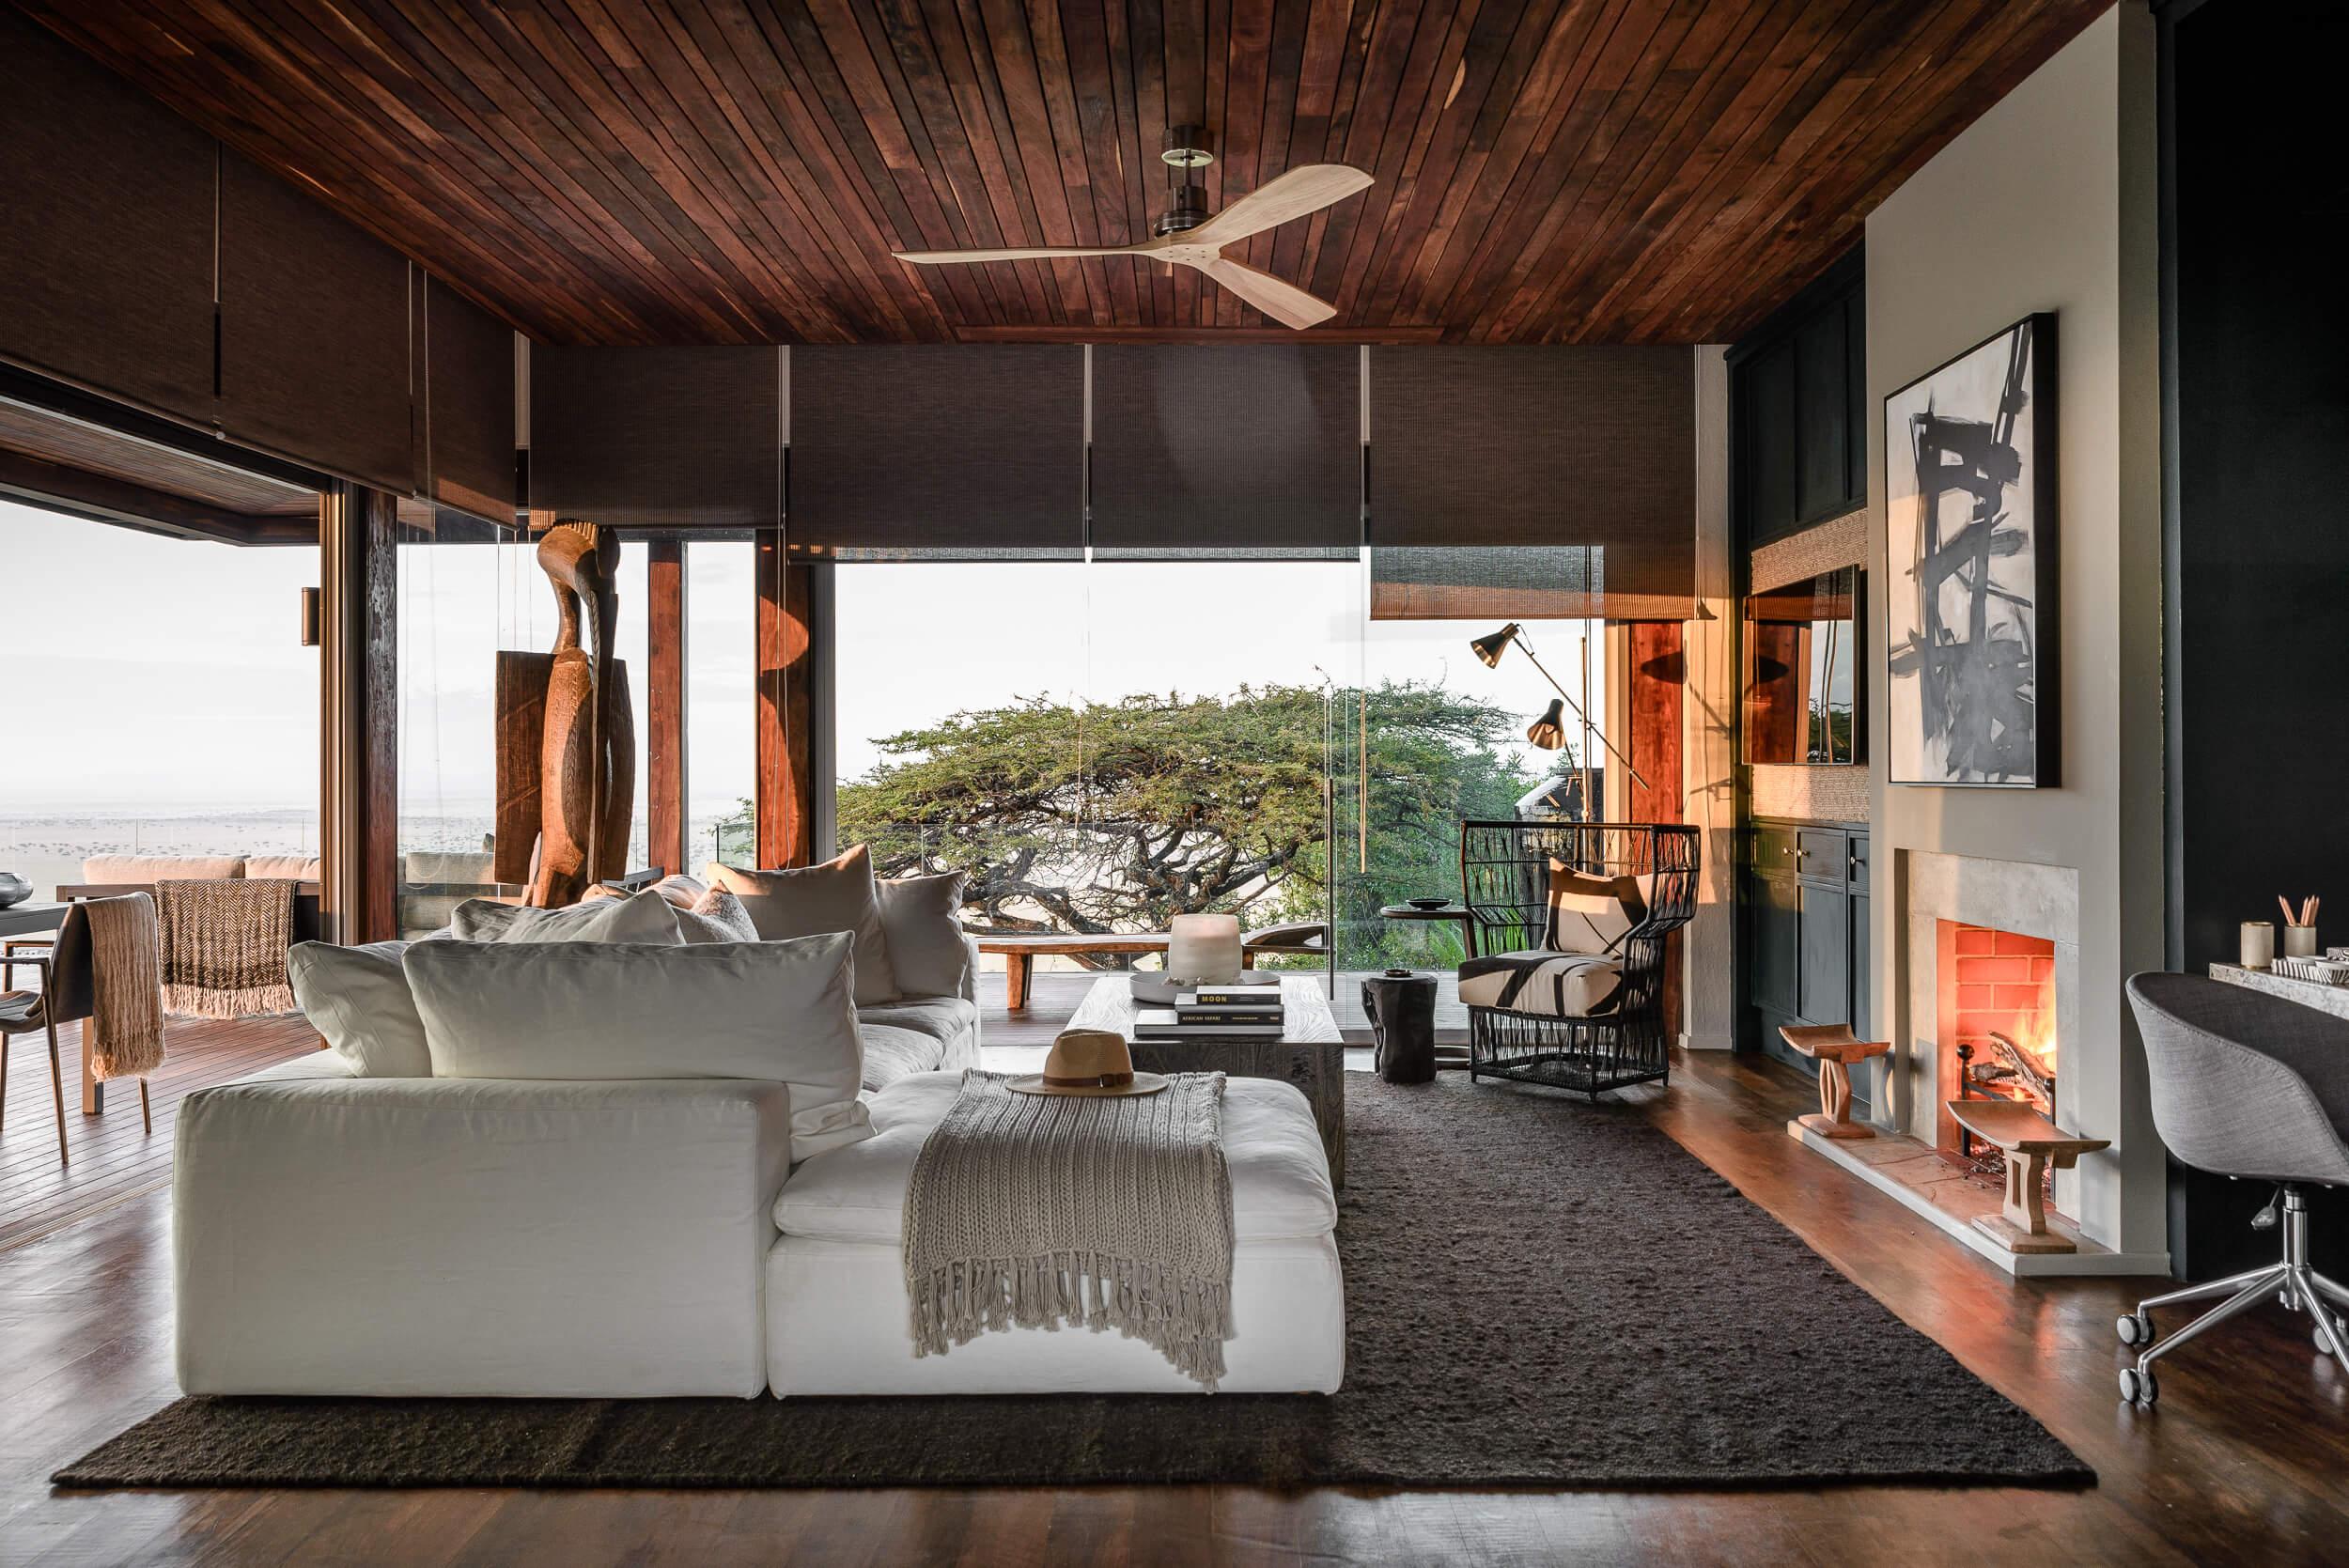 Hillside-Suite-Singita-Sasakwa-Lodge-Lounge-Area.jpg